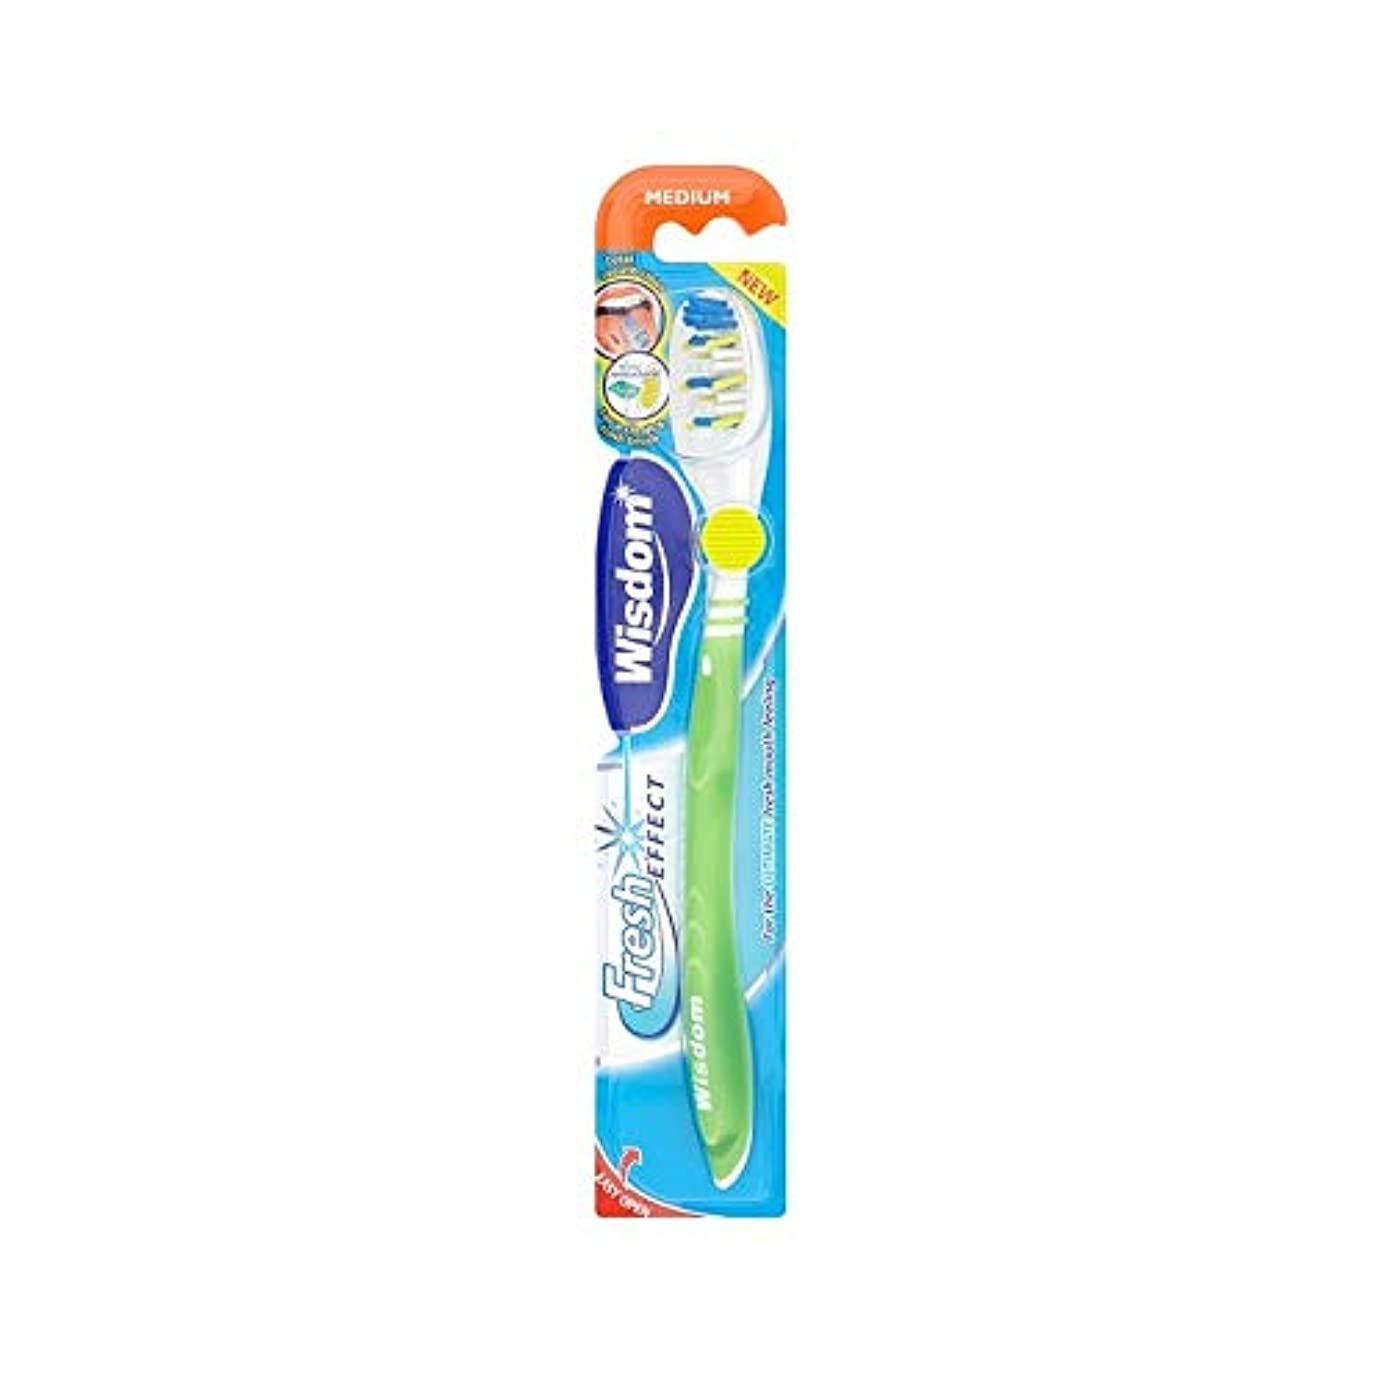 オールバレルサーカス[Wisdom ] 10の知恵フレッシュ効果メディア歯ブラシパック - Wisdom Fresh Effect Medium Toothbrush Pack of 10 [並行輸入品]